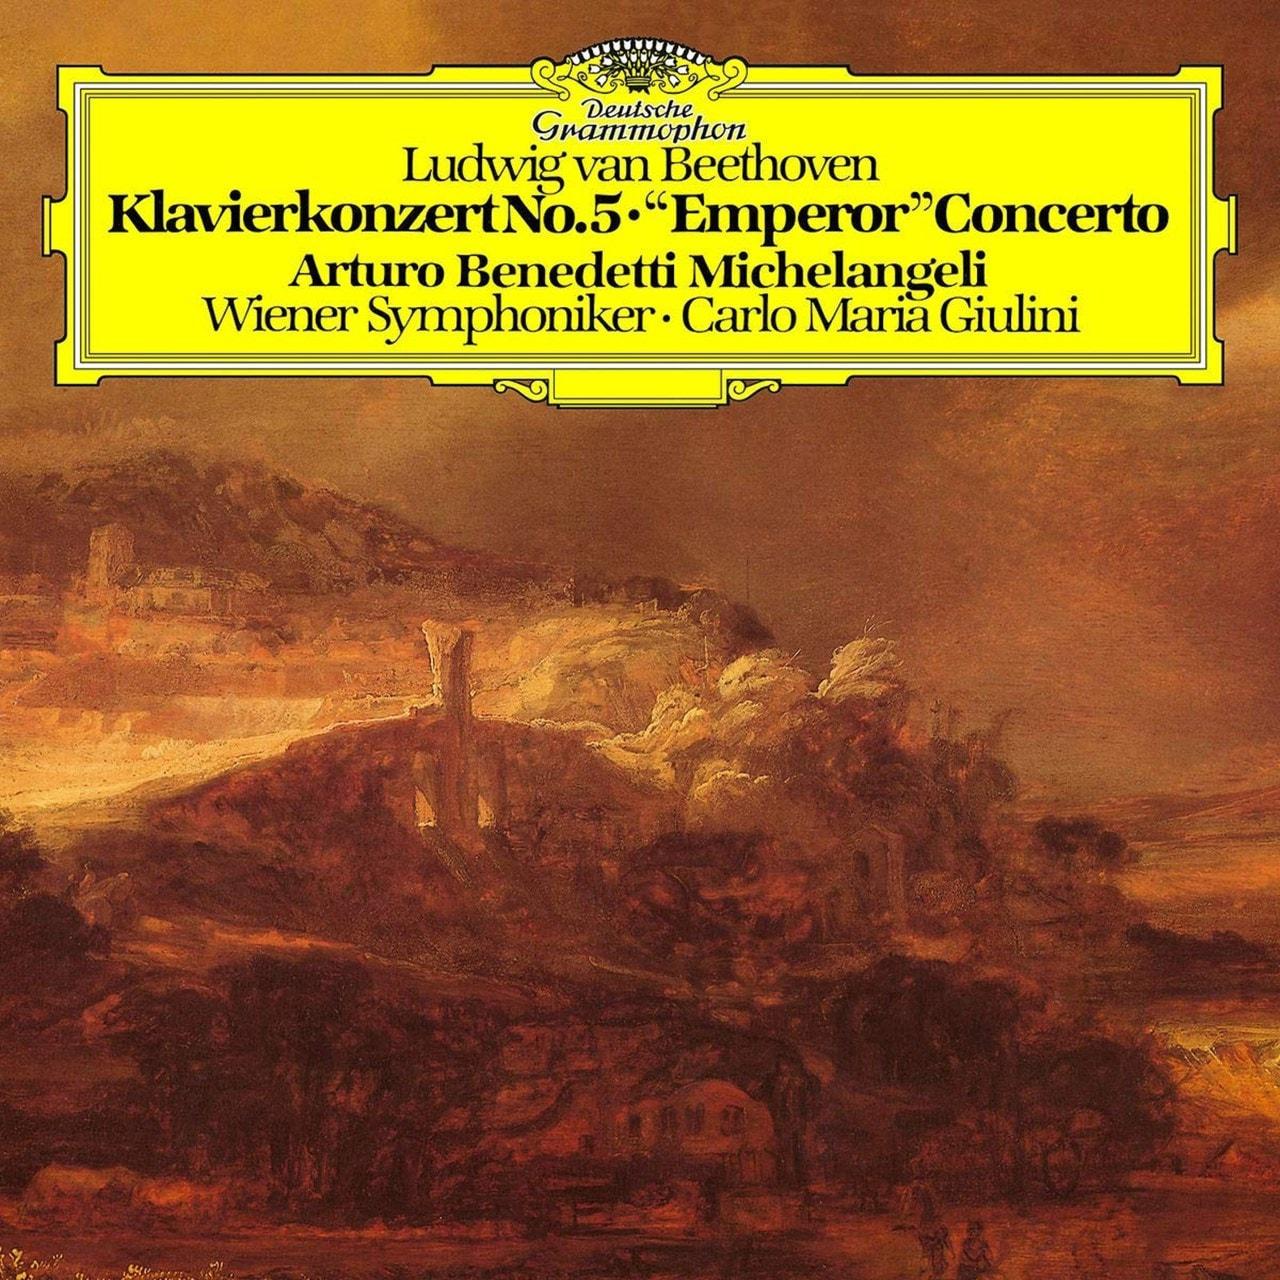 Ludwig Van Beethoven: Klavierkonzert No. 5, 'Emperor' Concerto - 1